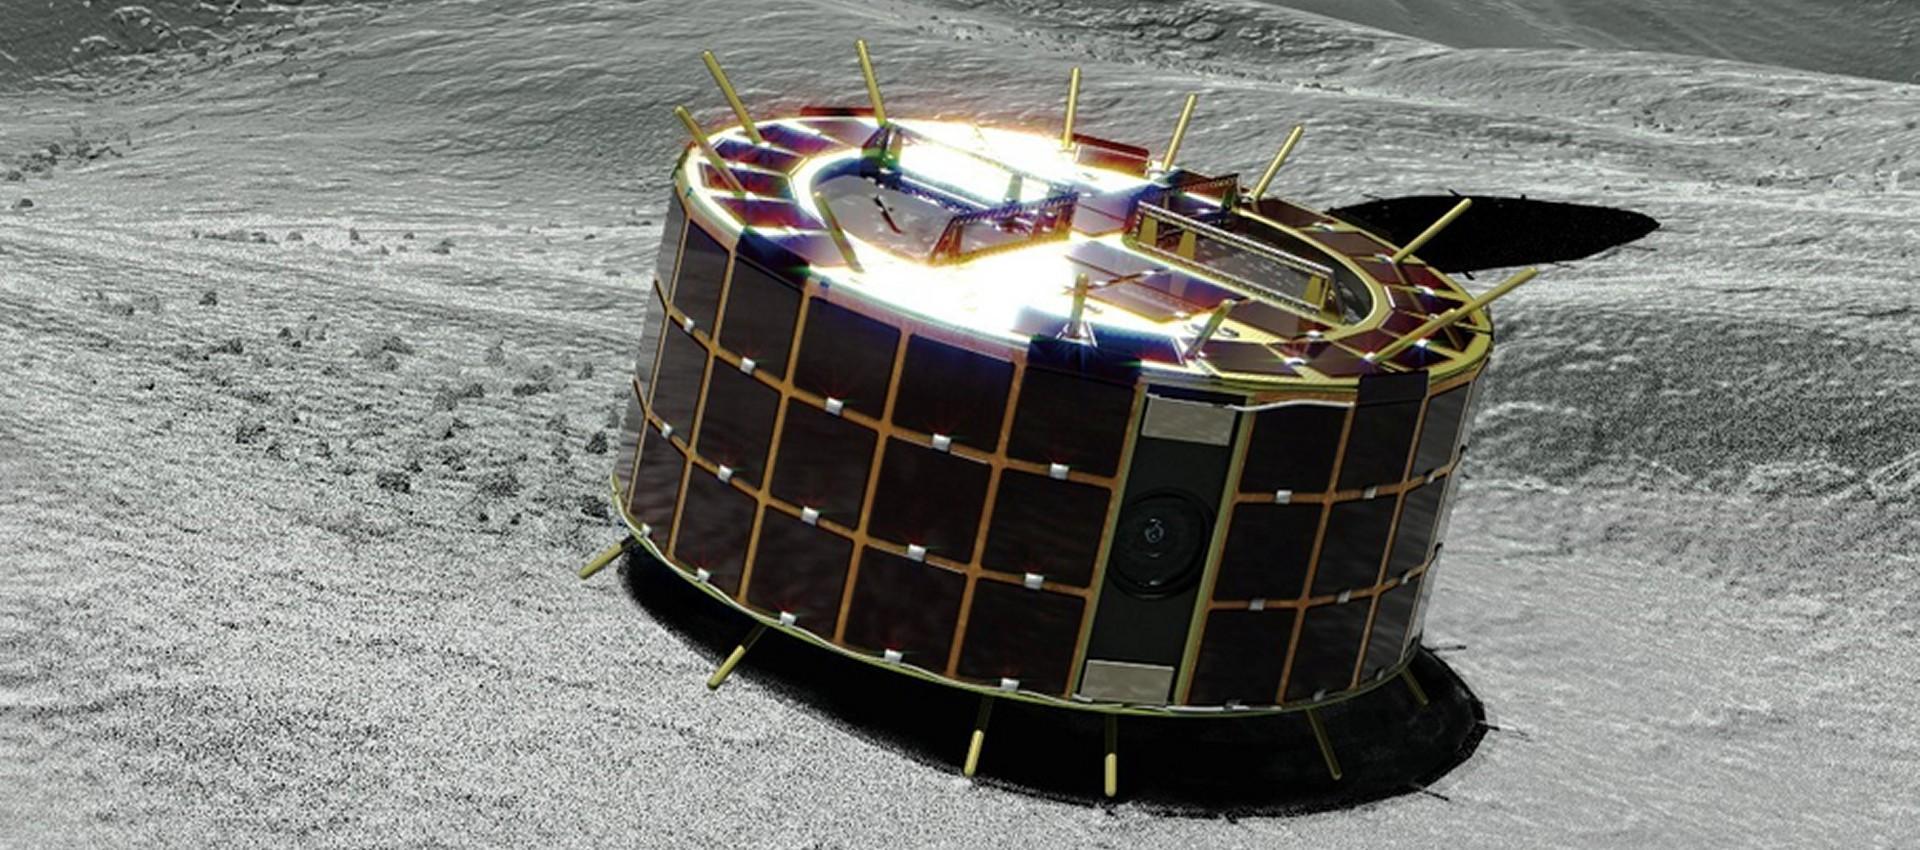 Japonia zdobyła asteroidę Ryugu